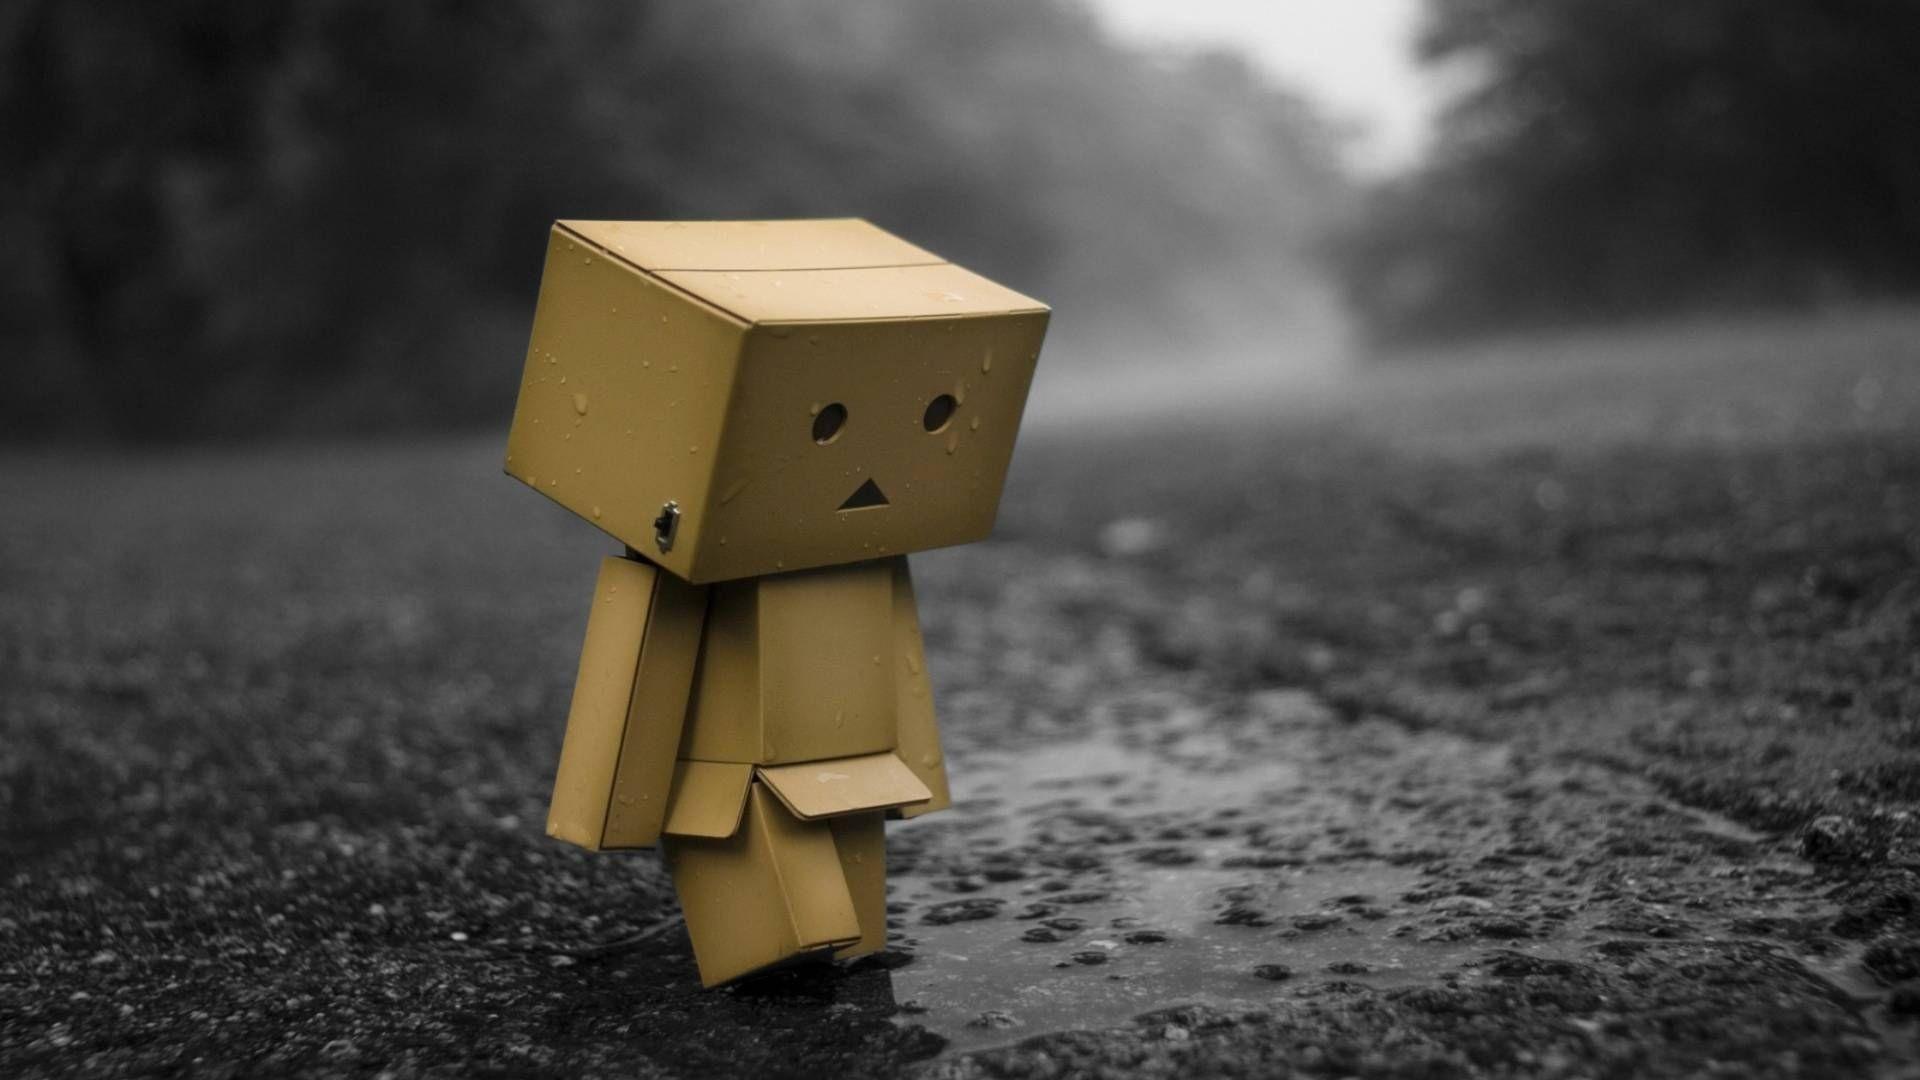 Ảnh buồn khóc một mình